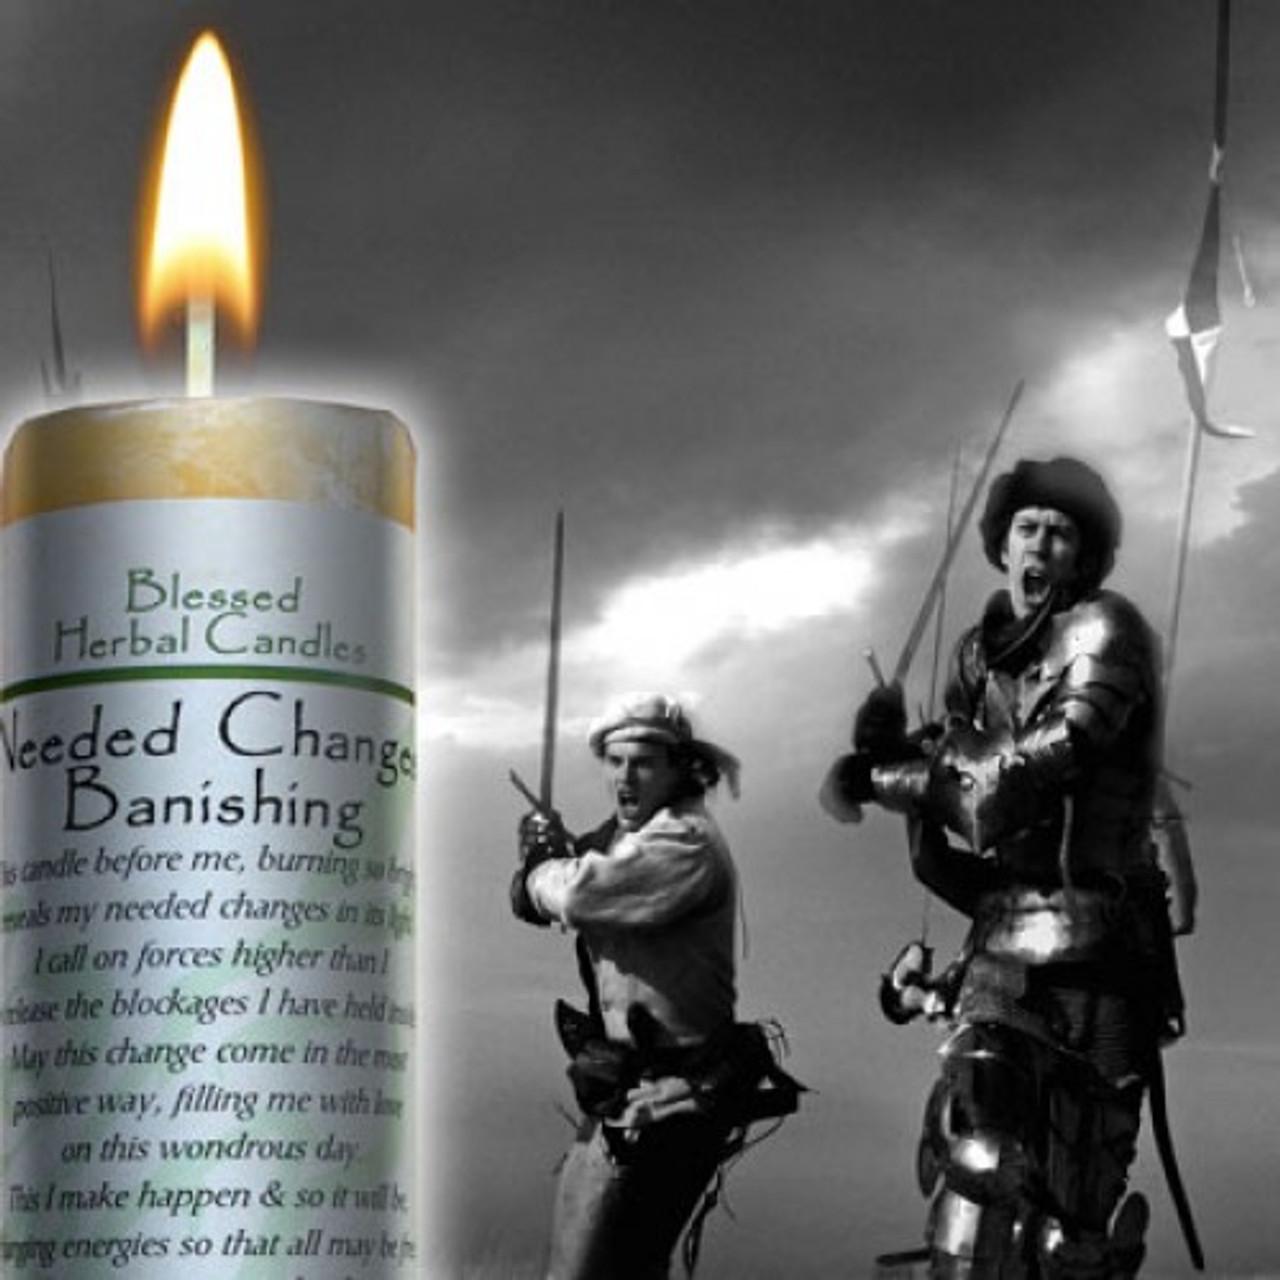 Candle - Needed Change - Banish